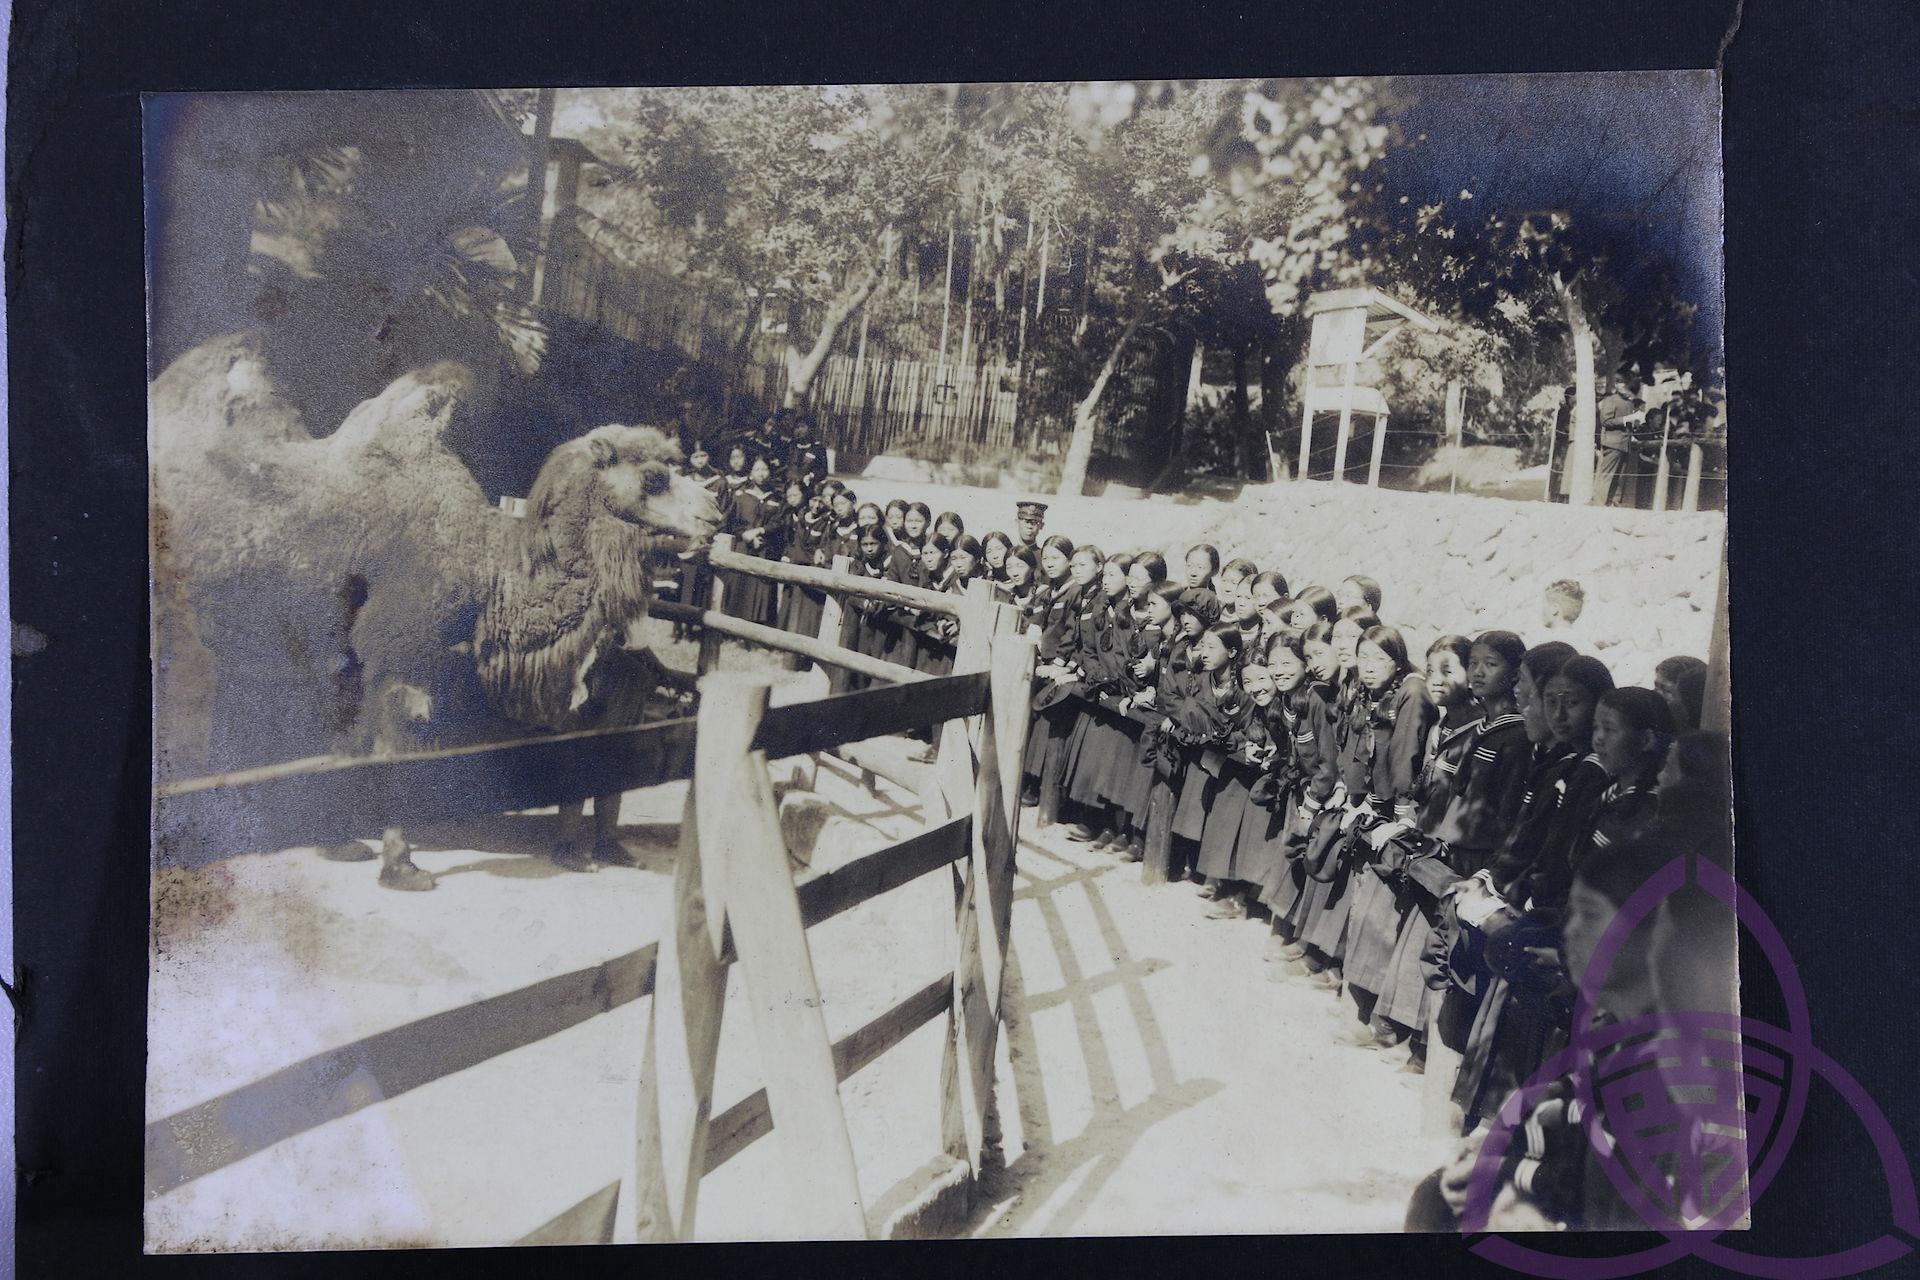 1914 年開園的圓山動物園,在日治時代是新潮的現代化景點,也是新春熱門出遊地,許多父母會在新年假期帶小孩動物園玩。圖為 1920 年代,二高女學生到動物園校外旅遊。 圖片來源│臺南女中百年老照片